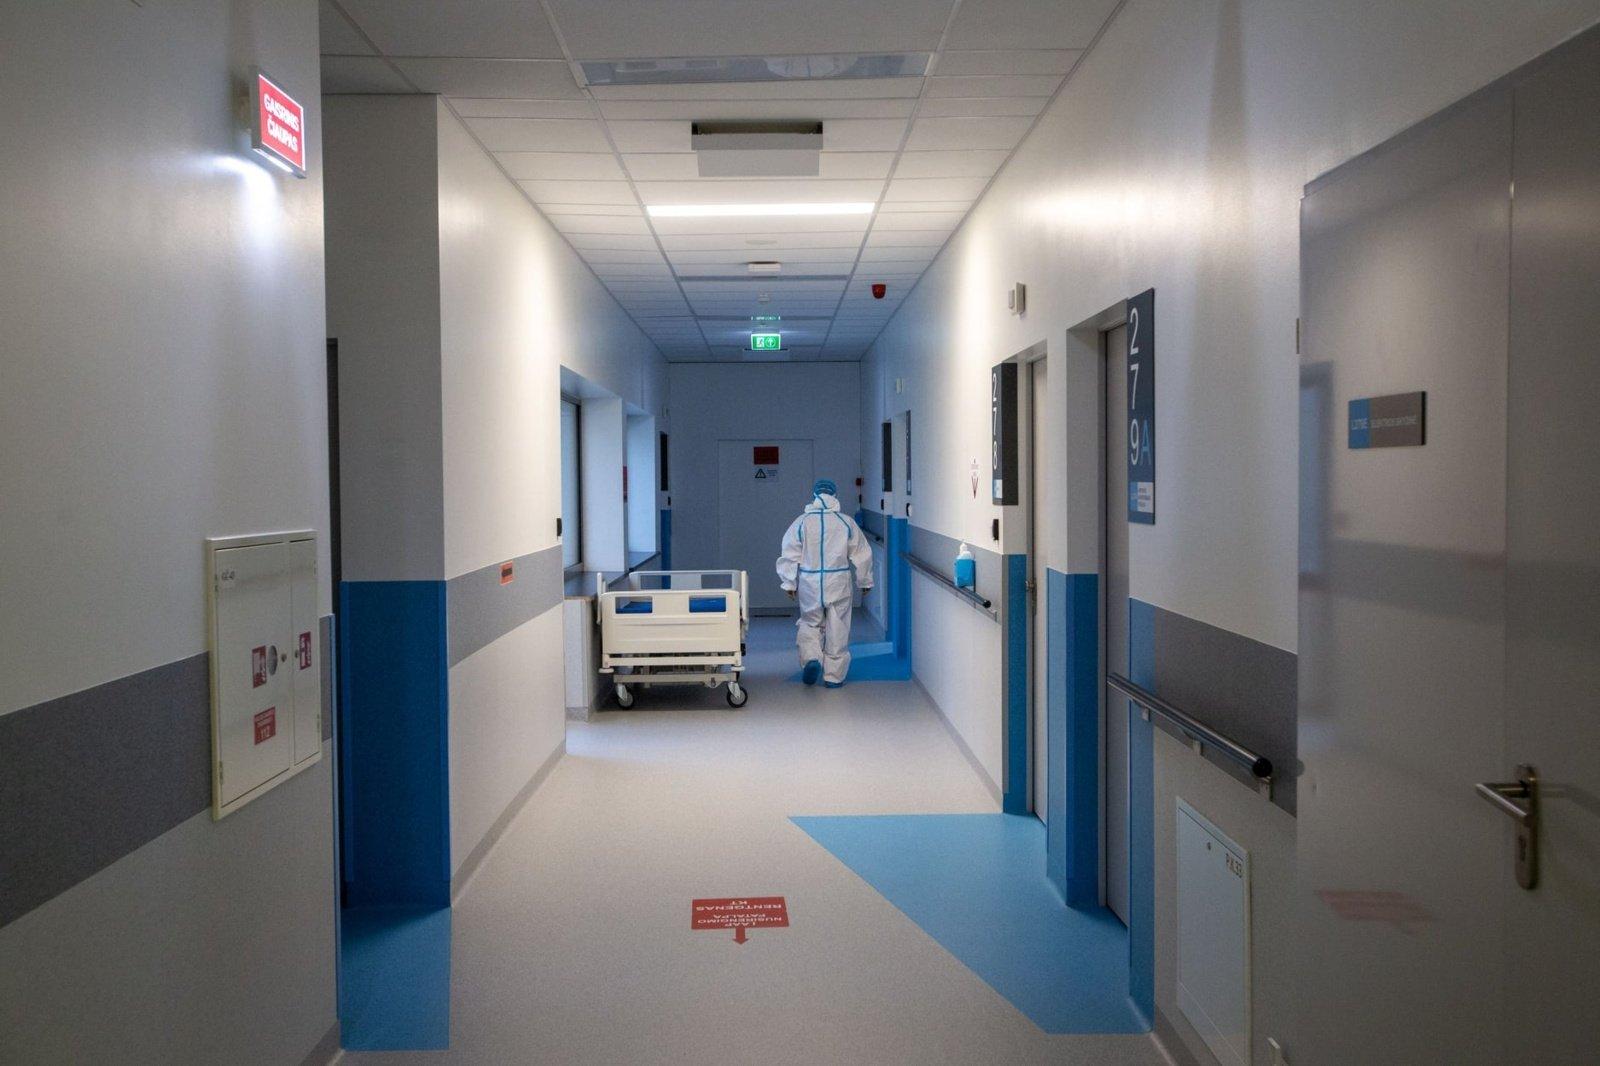 Vilniaus regione užimta beveik 80 procentų COVID-19 pacientams skirtų lovų